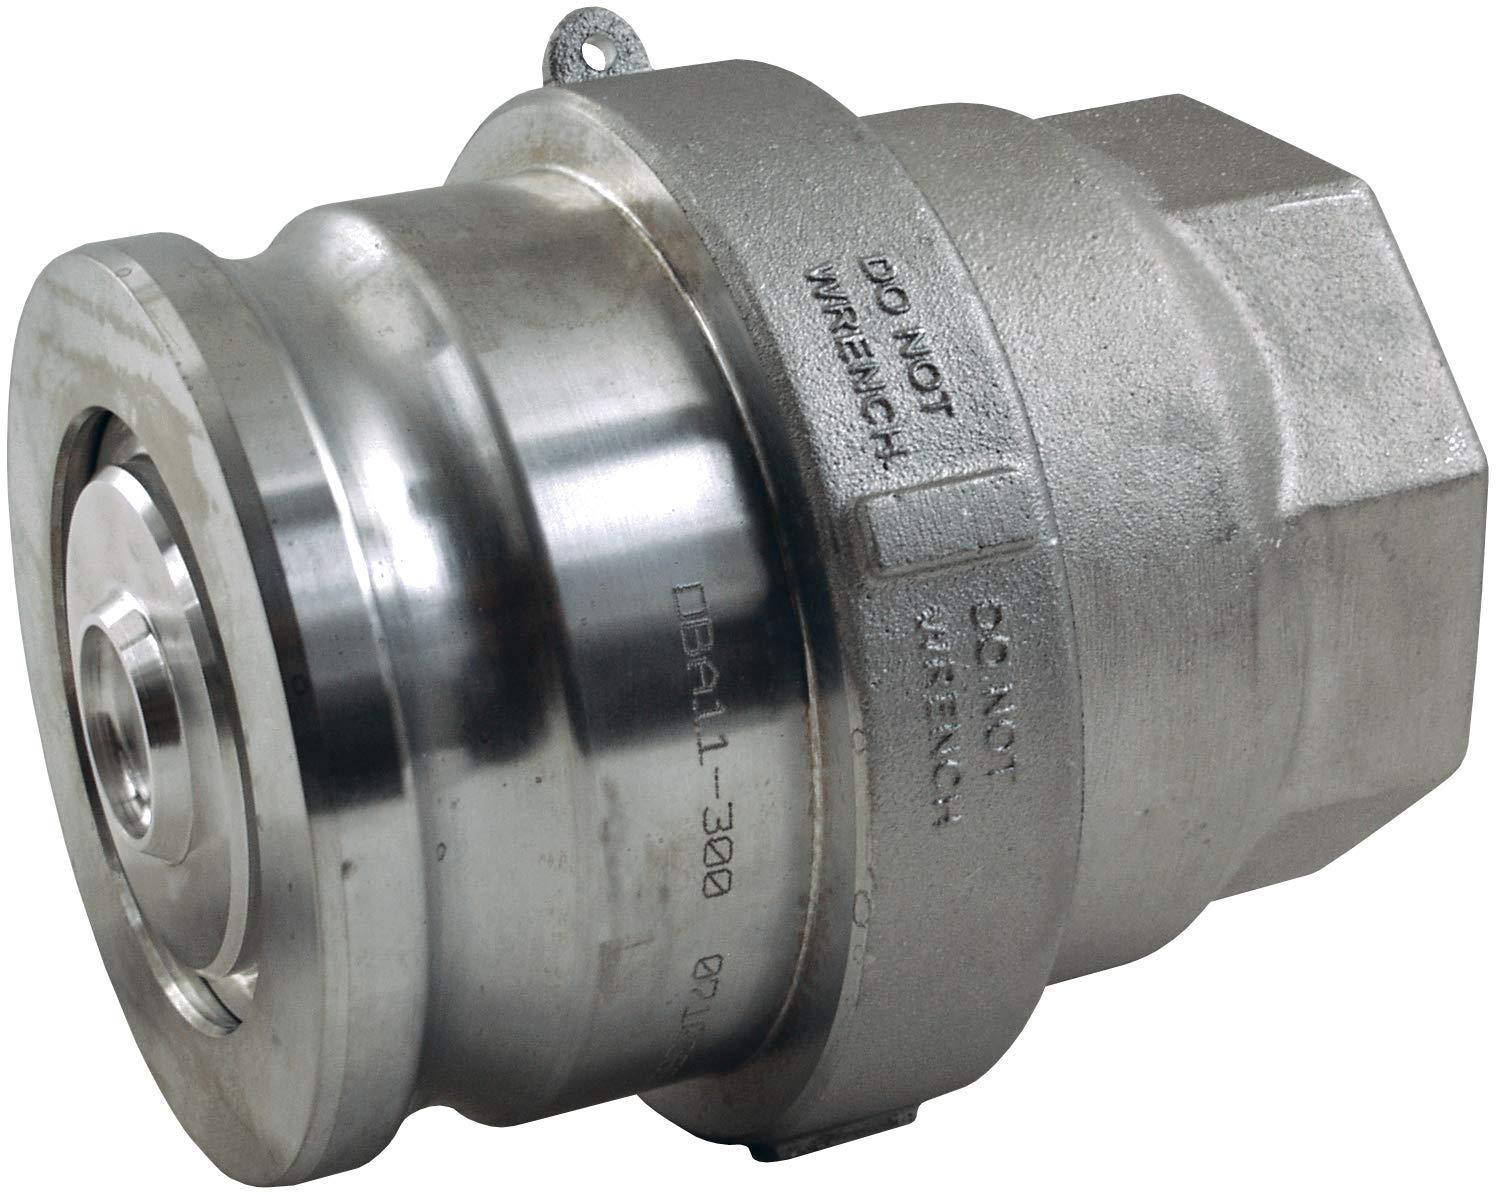 Dixon DBA67-200 2 Alum Dry Disconnet Adapter Encapsulated PTFE FKM Seals